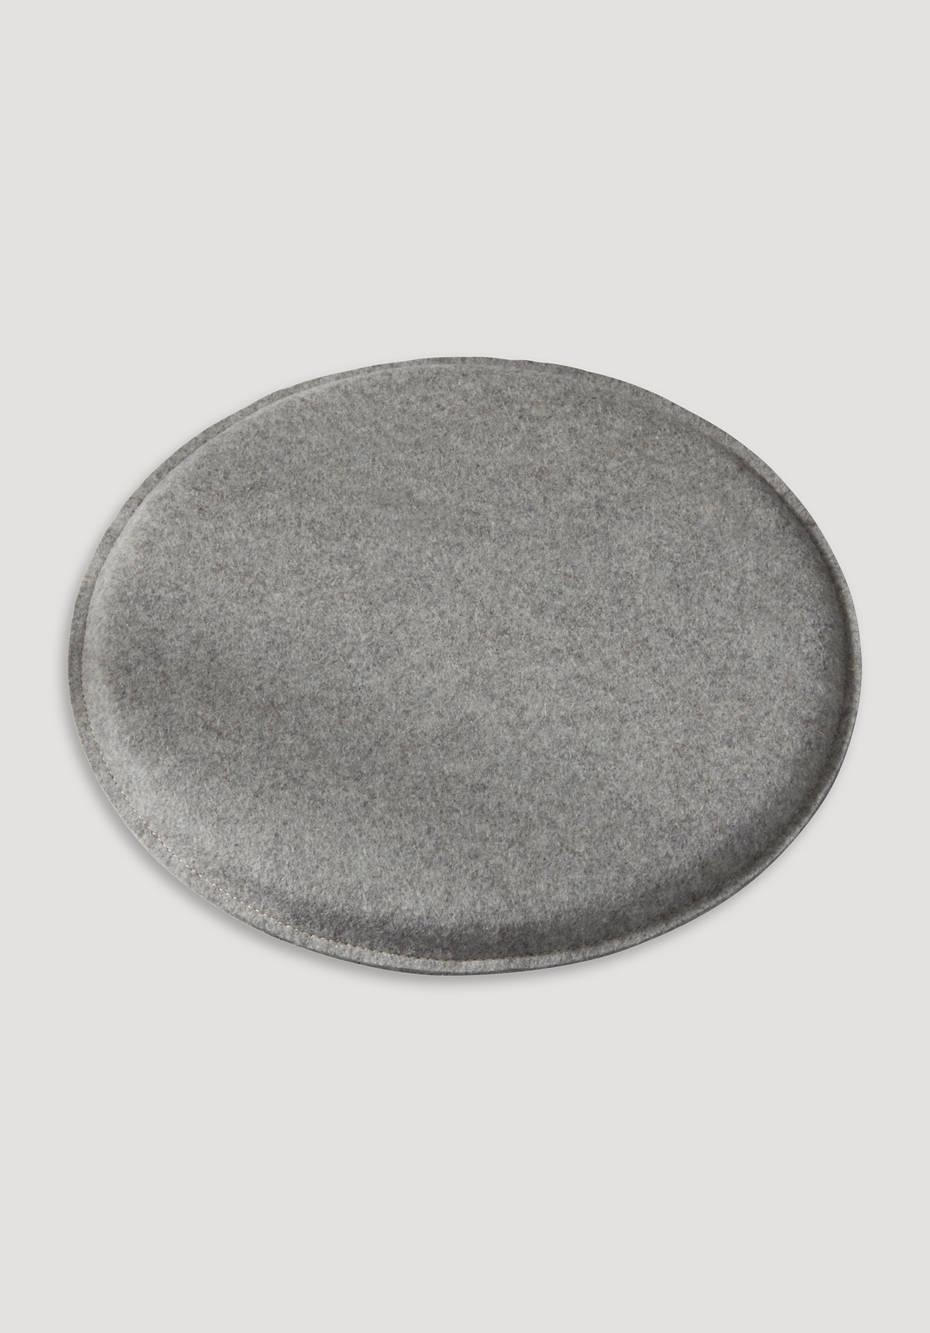 Filzkissen rund aus Schurwolle